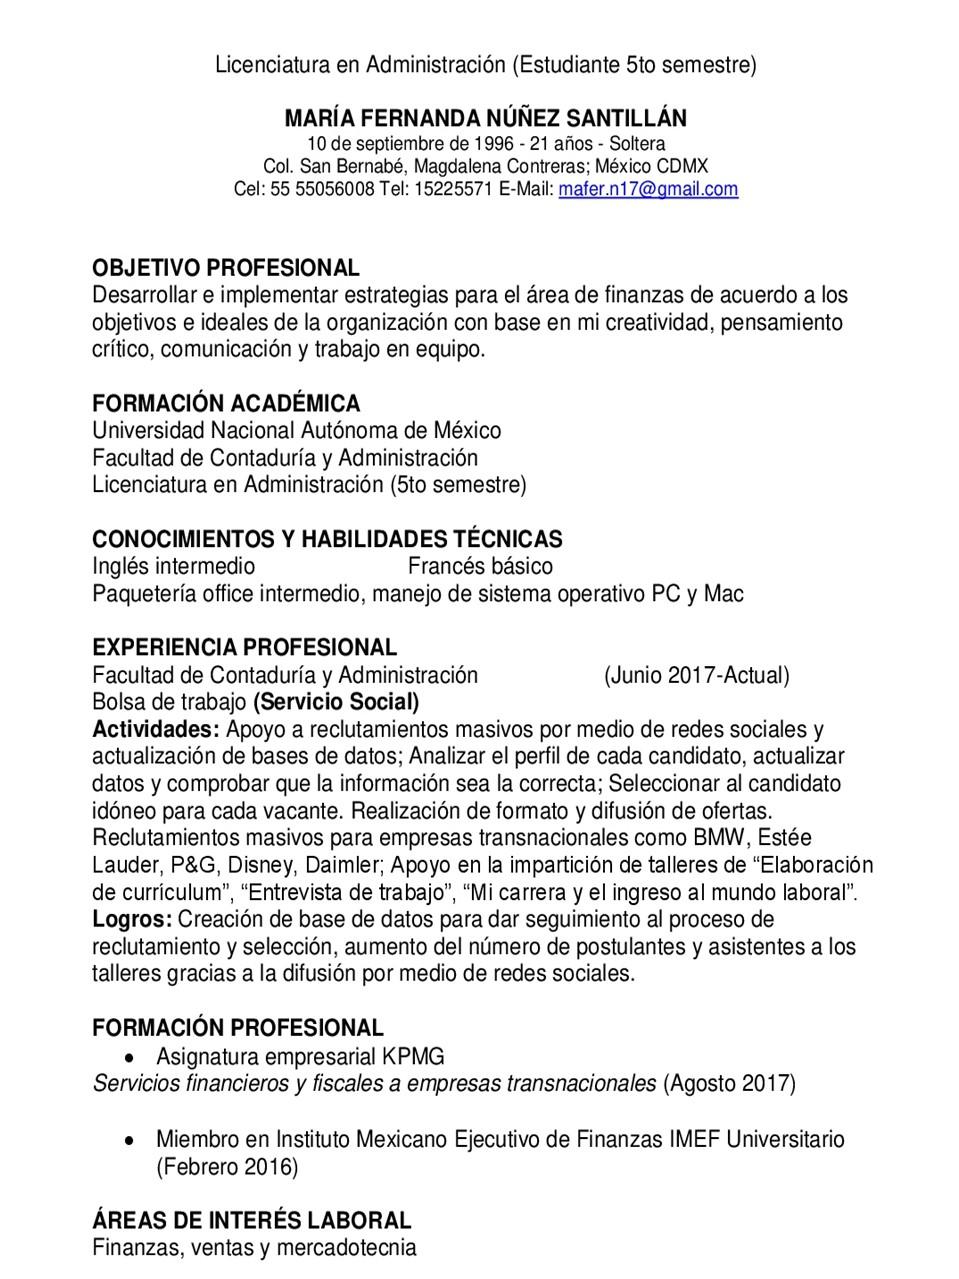 EJEMPLOS CV´S : FORMATO DE CV ESTUDIANTE DE LICENCIATURA